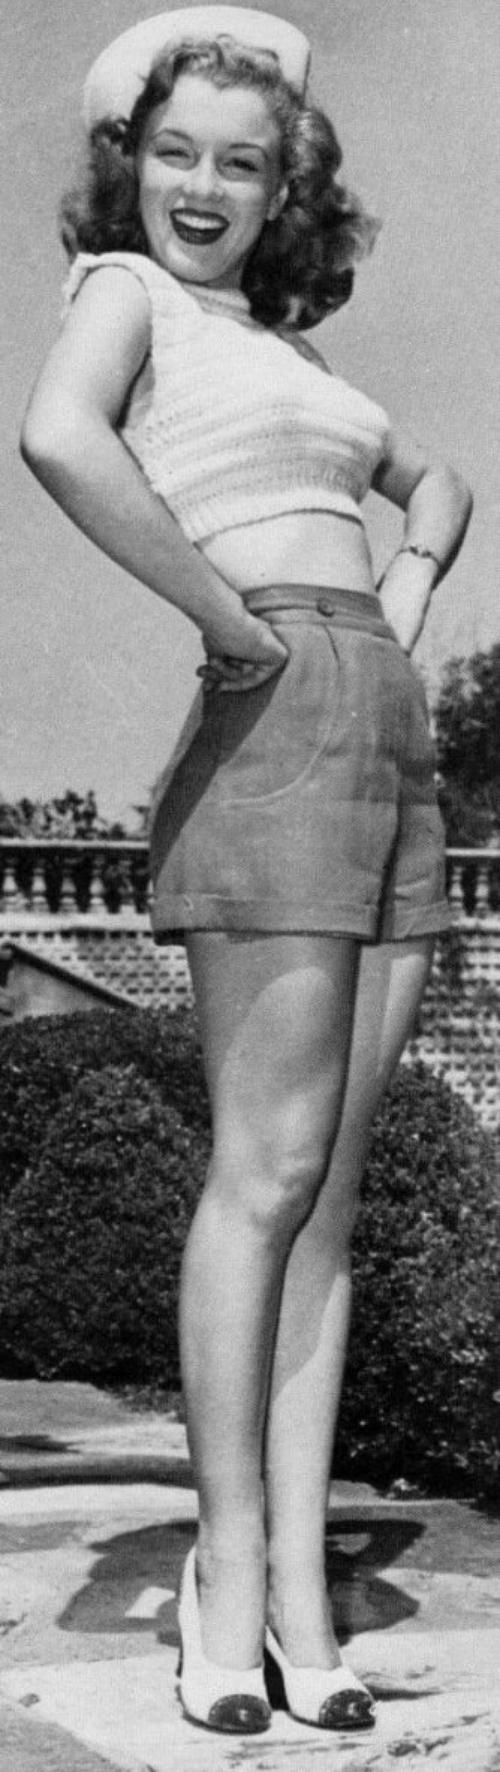 """1947 / Juillet, la jeune Marilyn accompagnée d'autres starlettes se rendent sur une base militaire de Marine's, afin de """"booster"""" leur départ pour la Corée, et pour l'occasion, à l'unanimité, ces derniers l'élisent """"Miss Morale of the Marine Corps""""."""